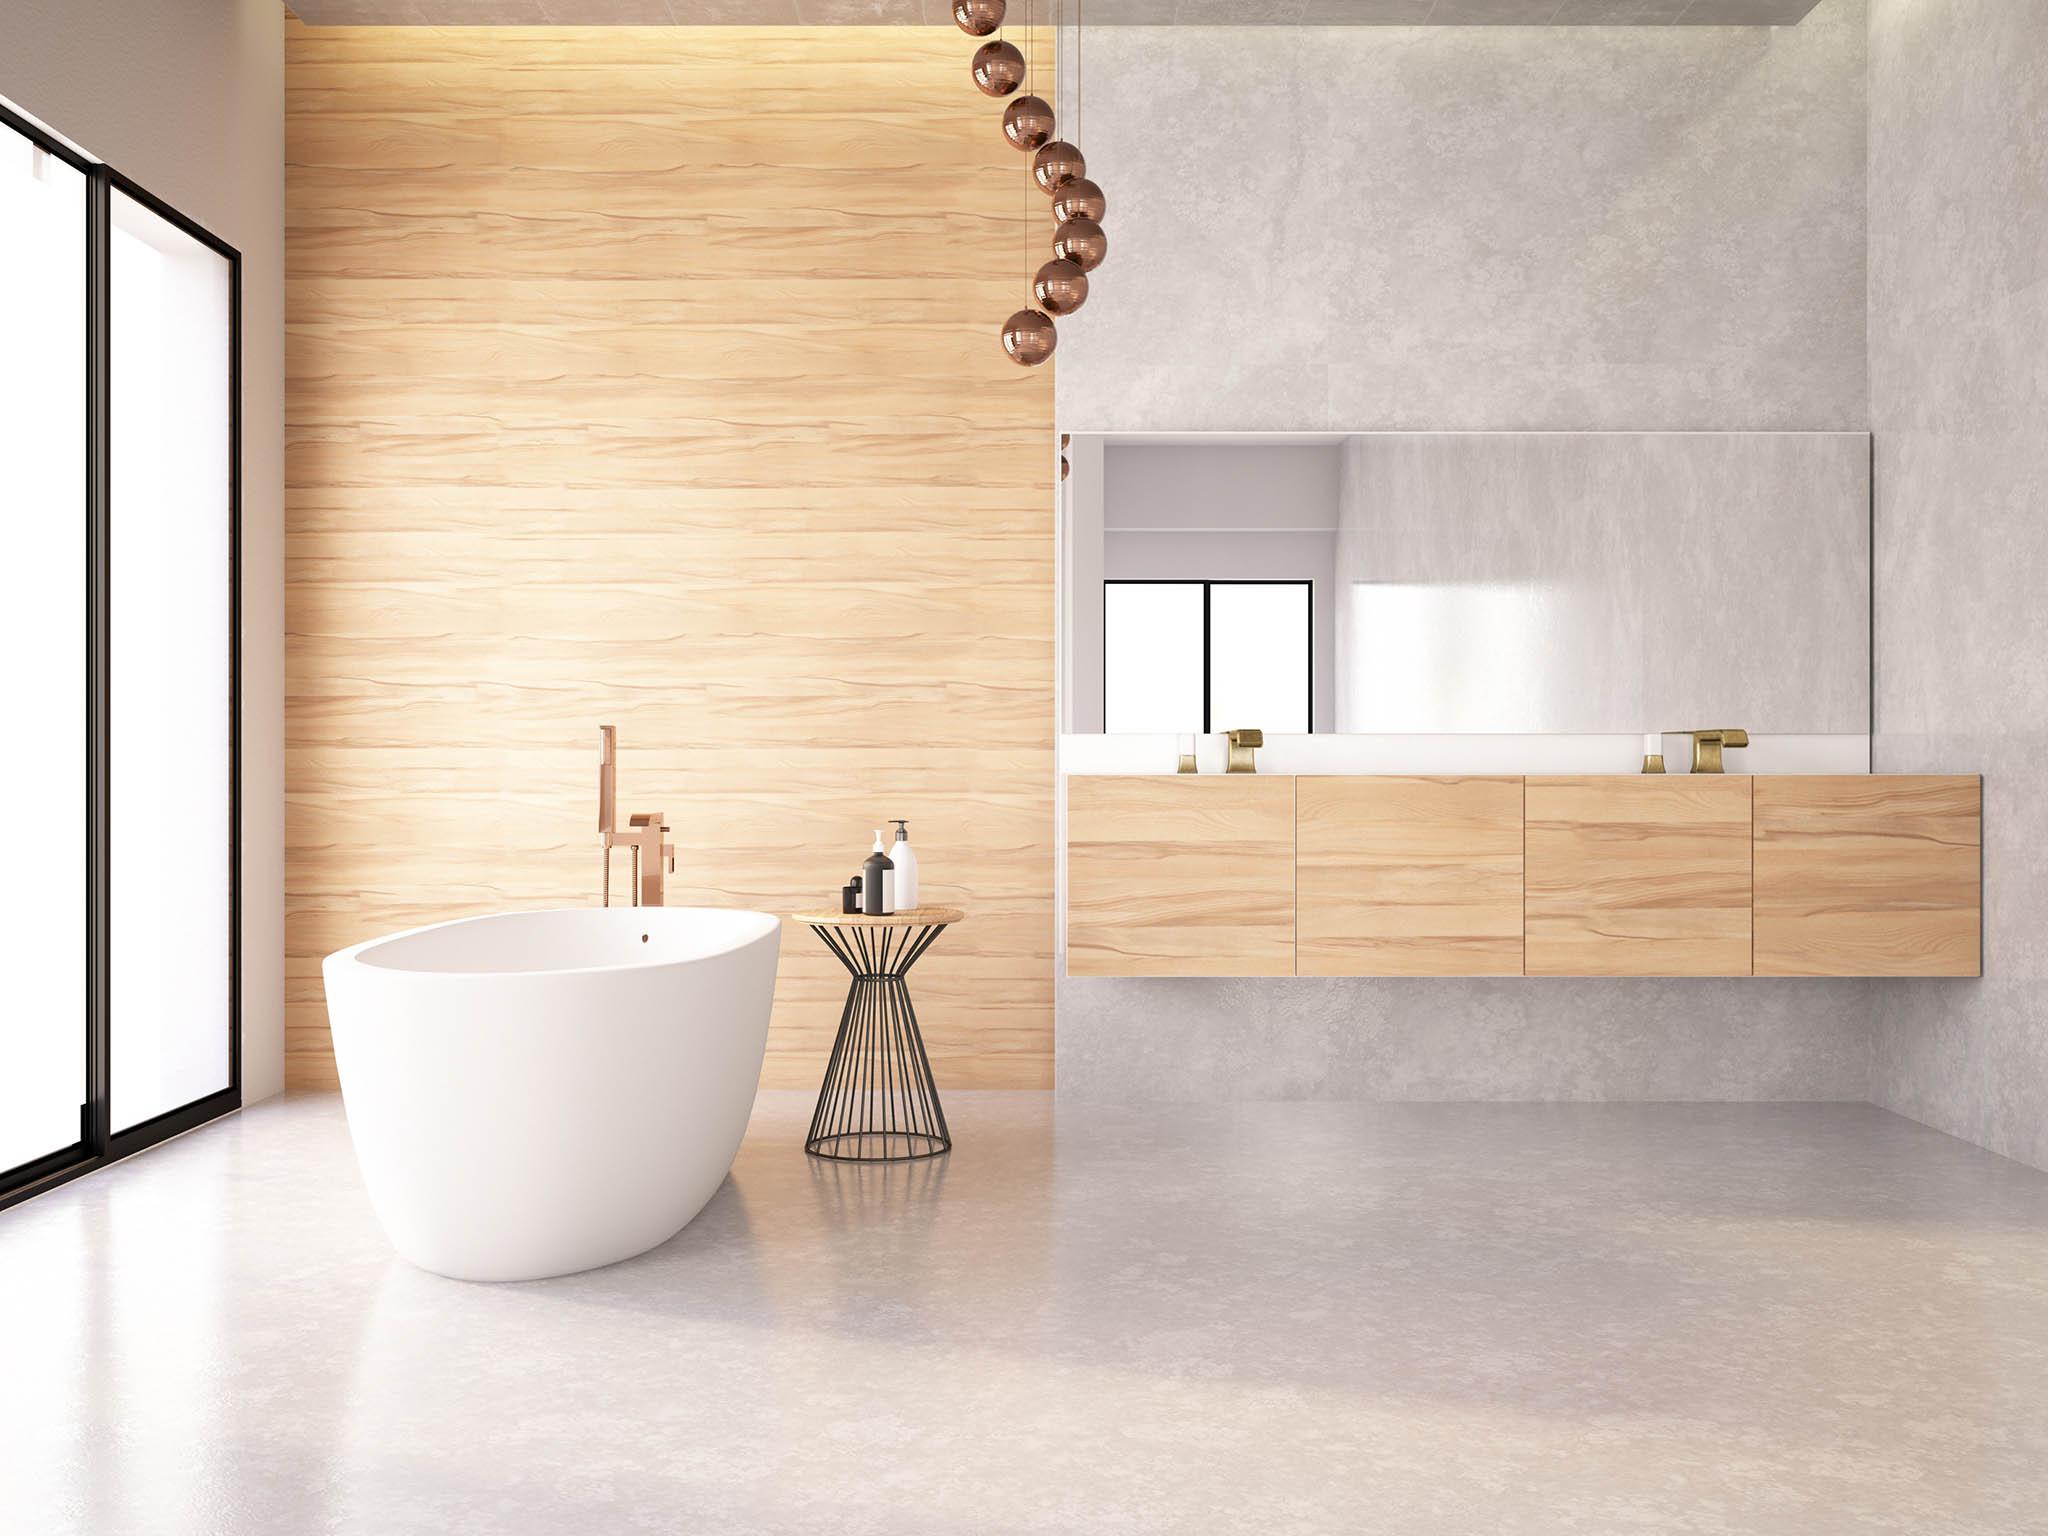 Dřevěné obložení koupelen může být velmi elegantní.